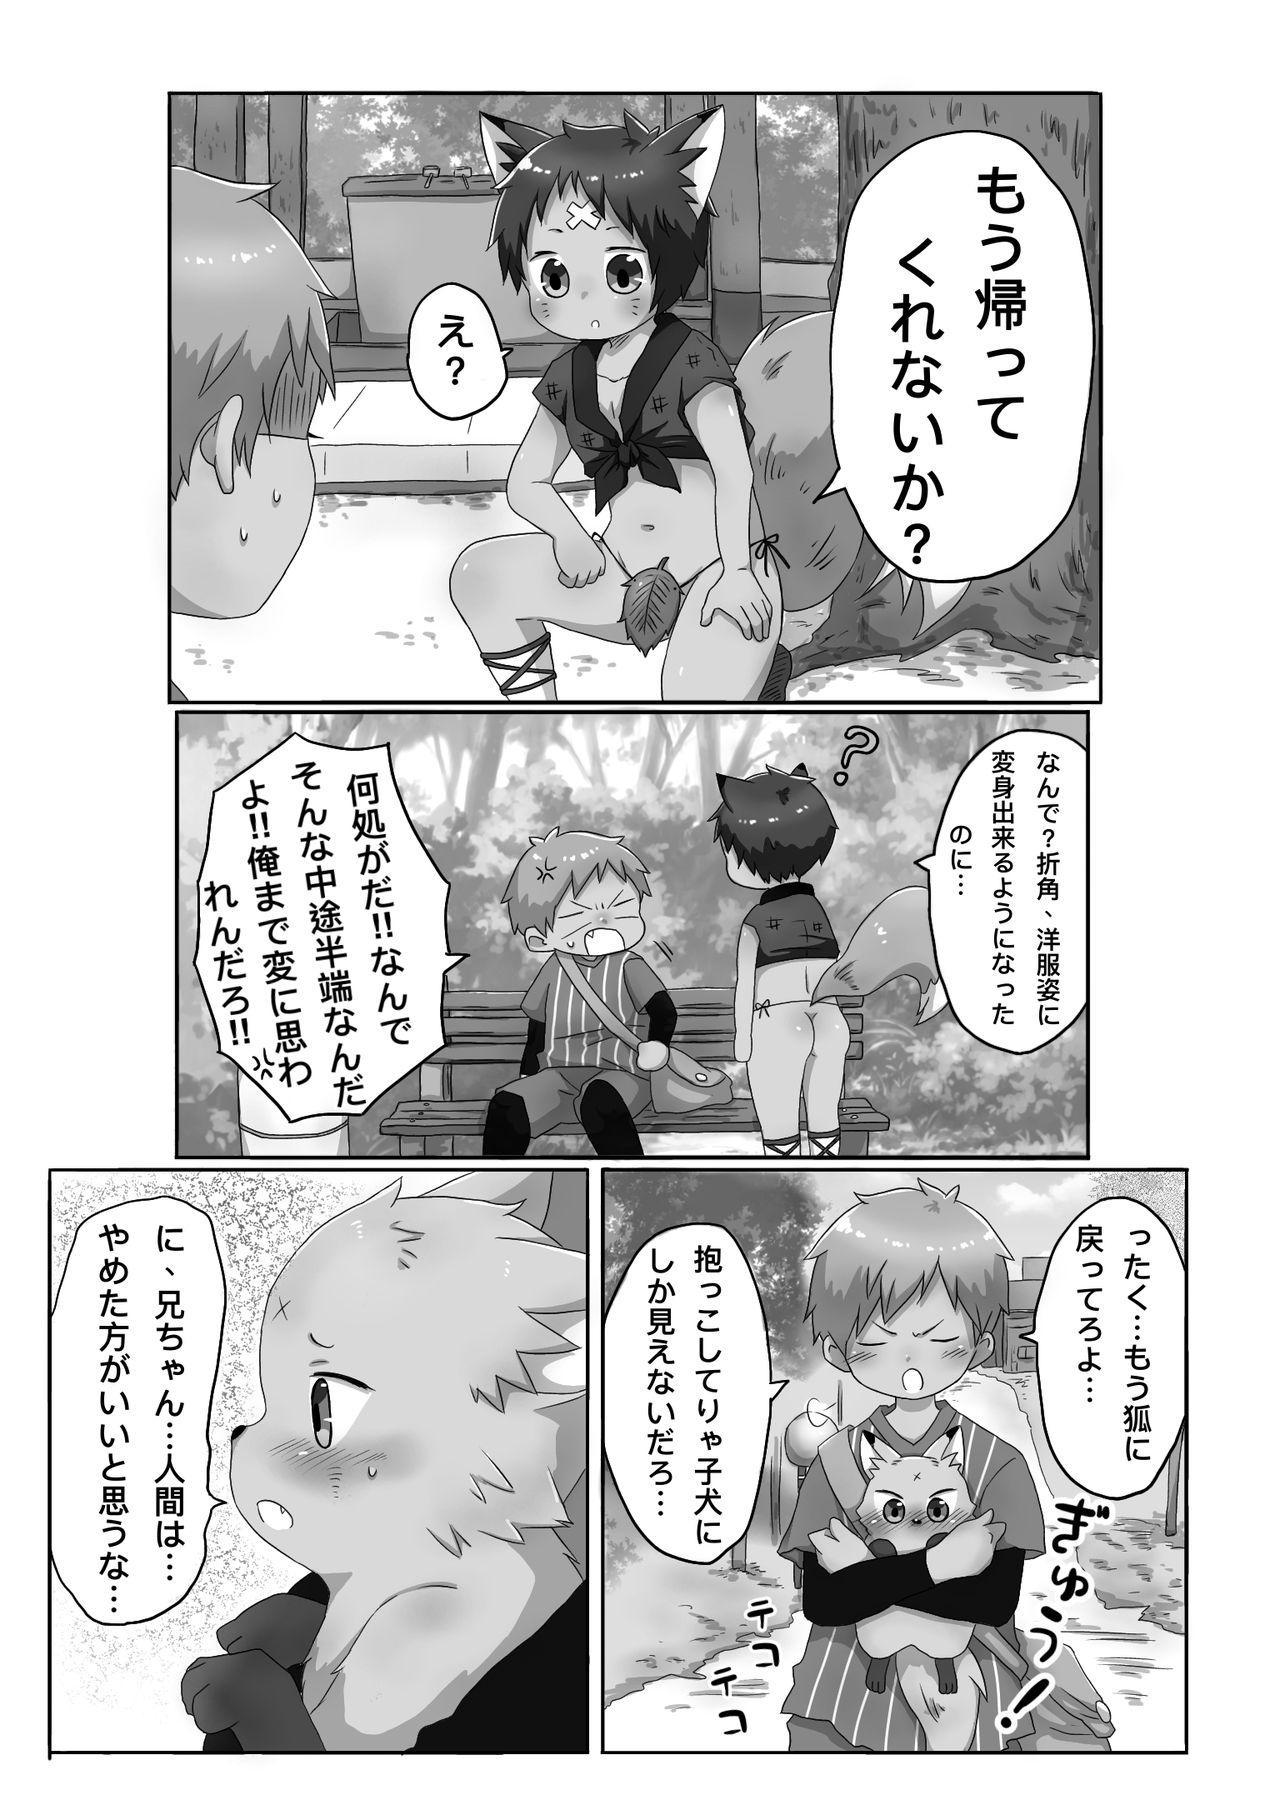 ゴロタ - 狐男児の話 8